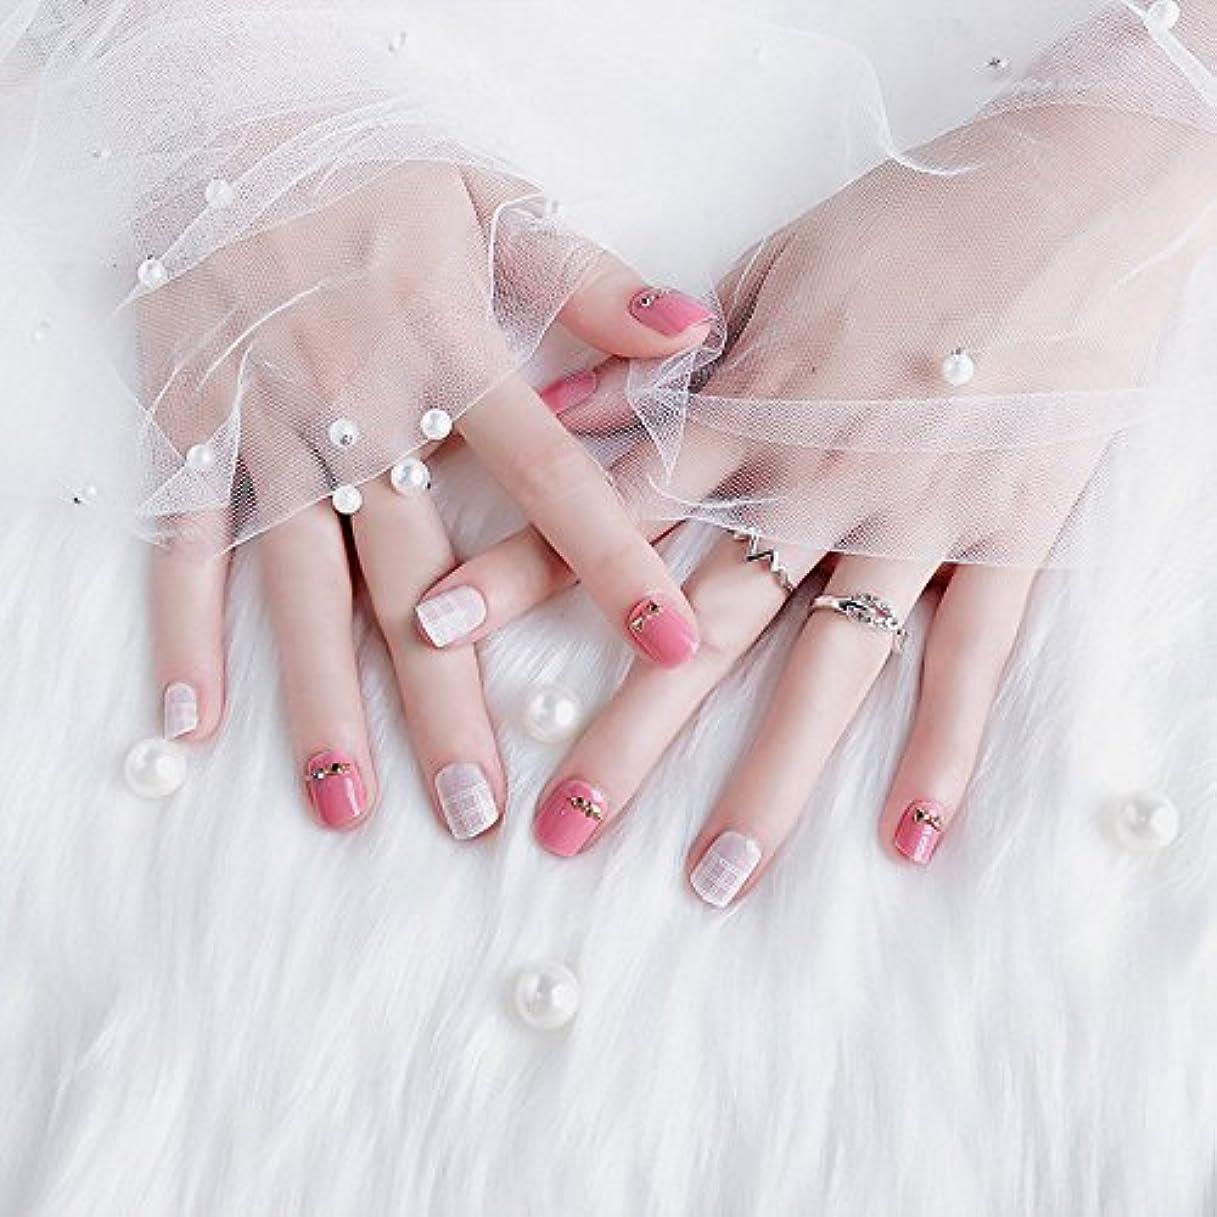 失望させるあいまいな現金おしゃれなネイルチップ 短いさネイルチップ 複数のスタイル 24枚入 結婚式、パーティー、二次会などに ネイルアート 手作りネイルチップ 両面接着テープ付き (ピンク)